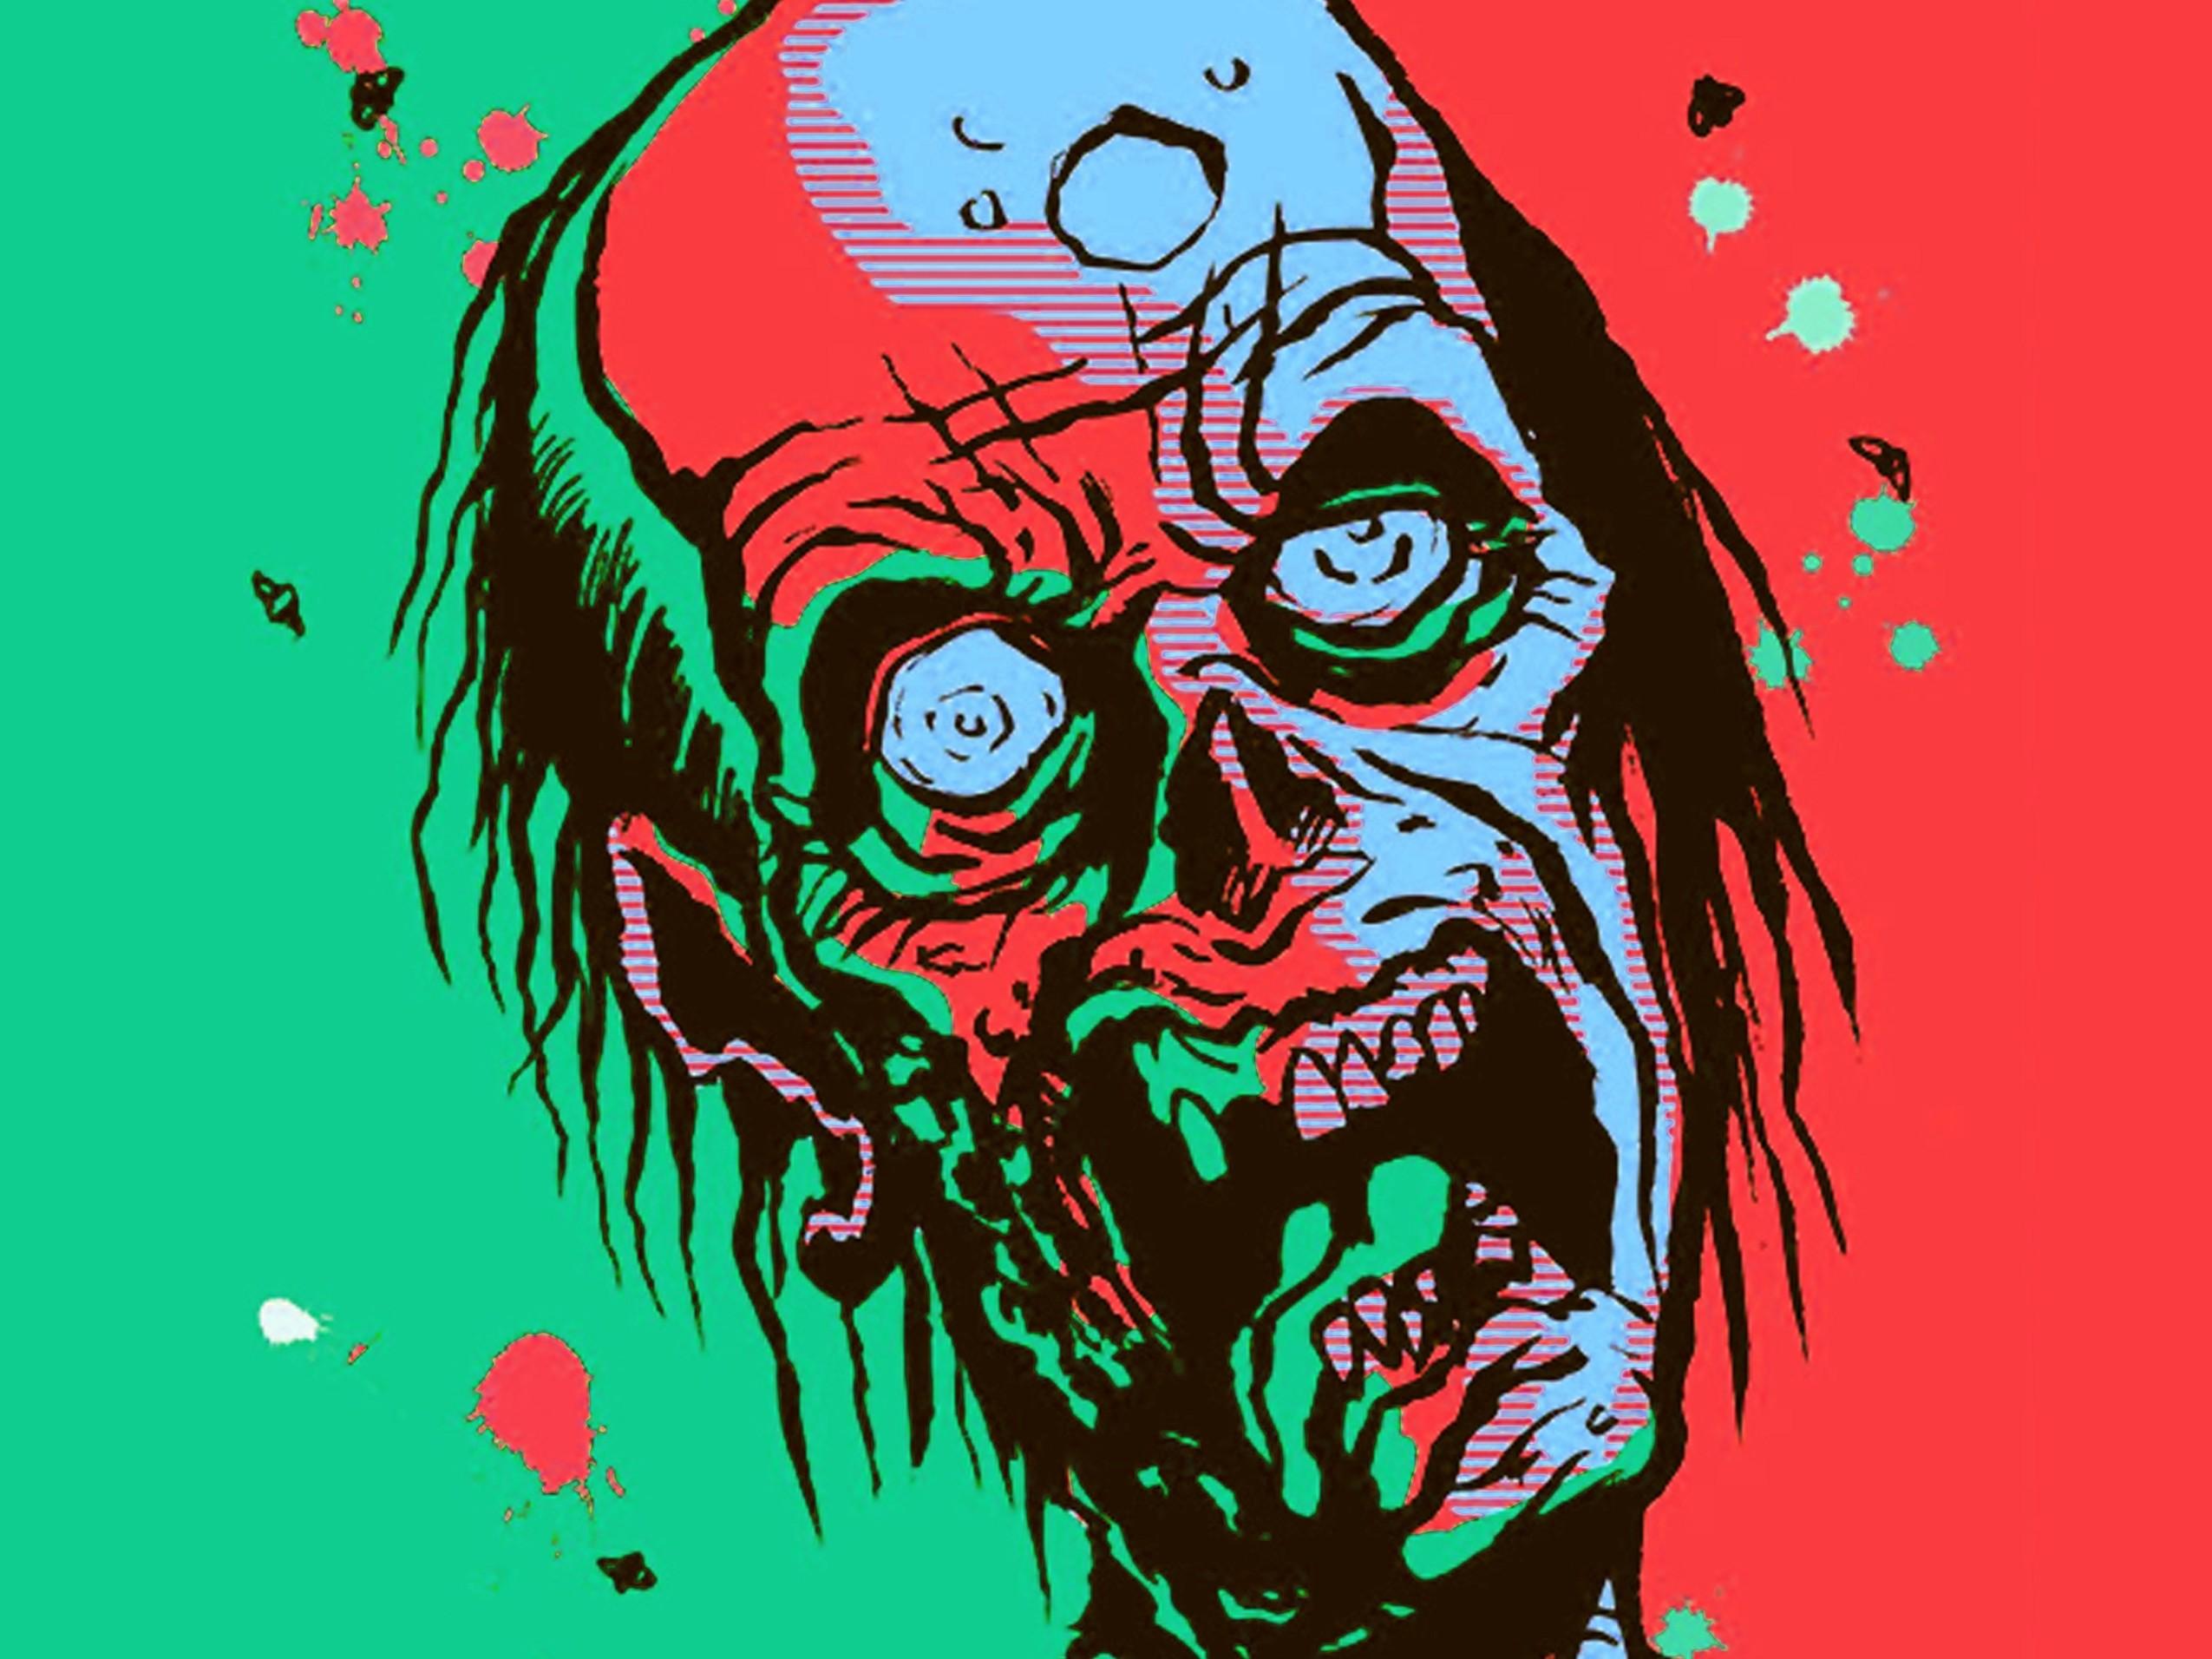 Zombie backgrounds 67 images 2550x1912 dark zombie wallpaper download 1920x1200 voltagebd Gallery